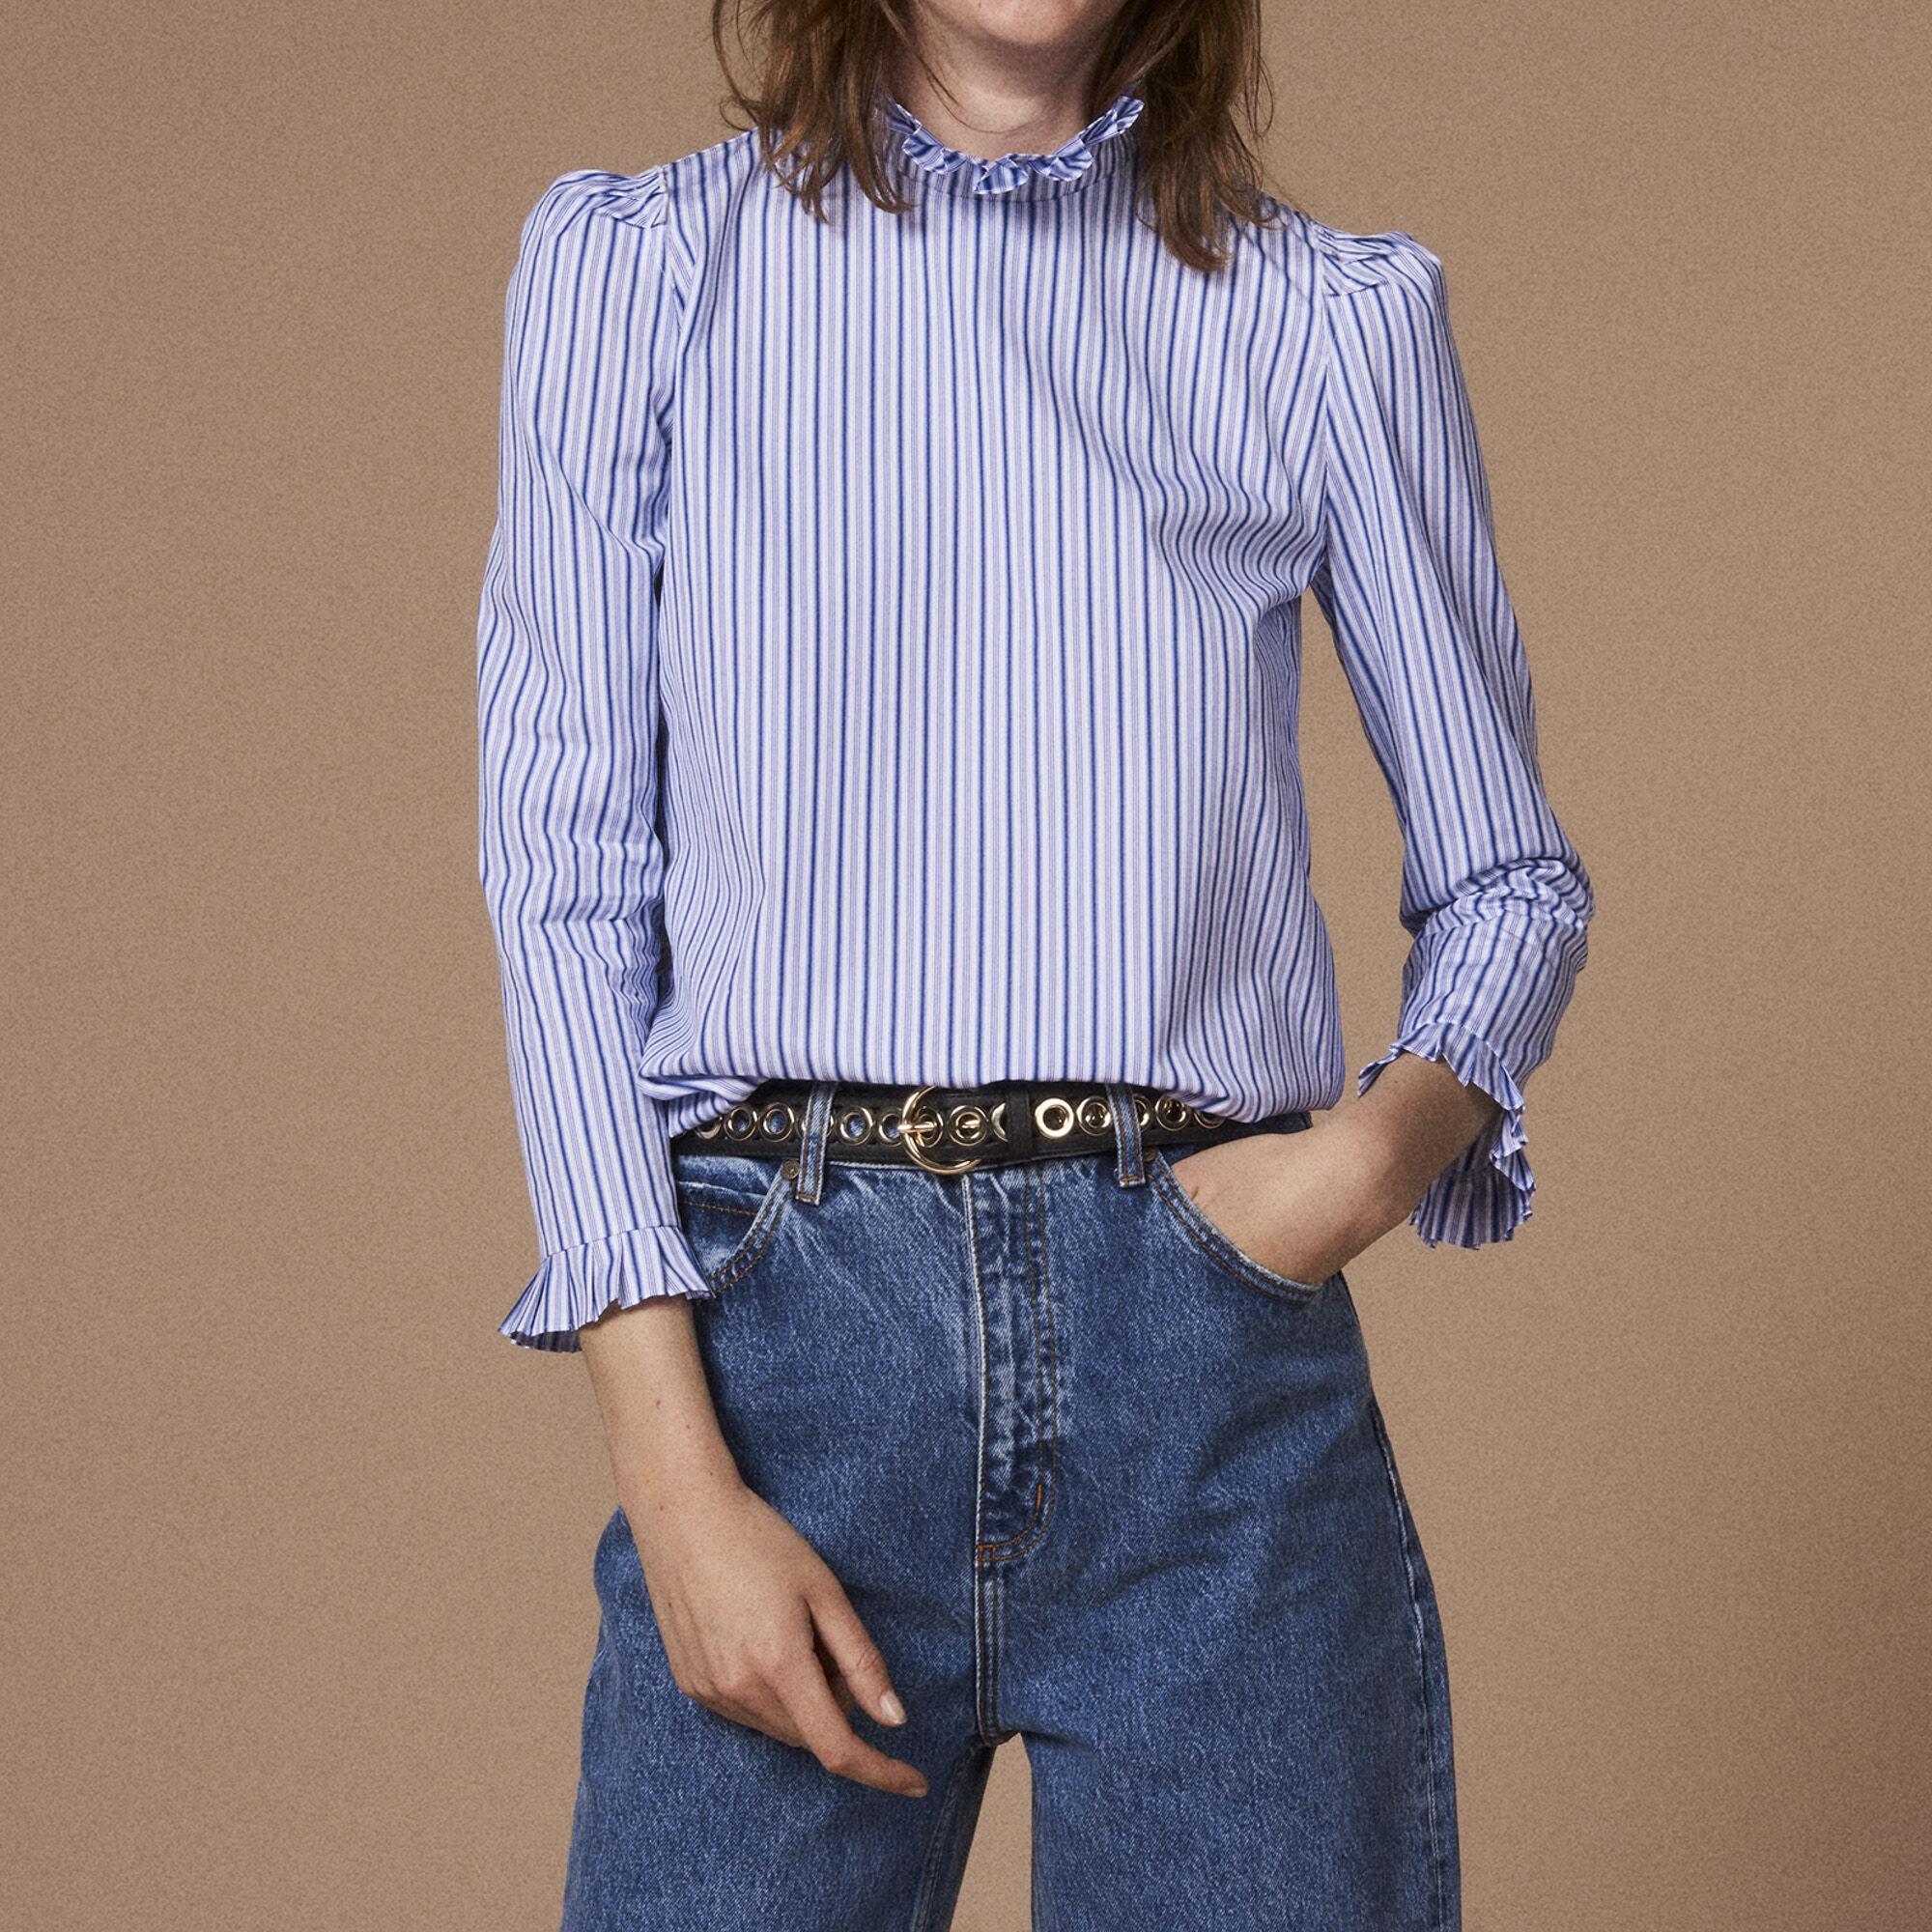 Tops Collection amp;chemises De Fselection Pour Soldes Es La Bq4zHH